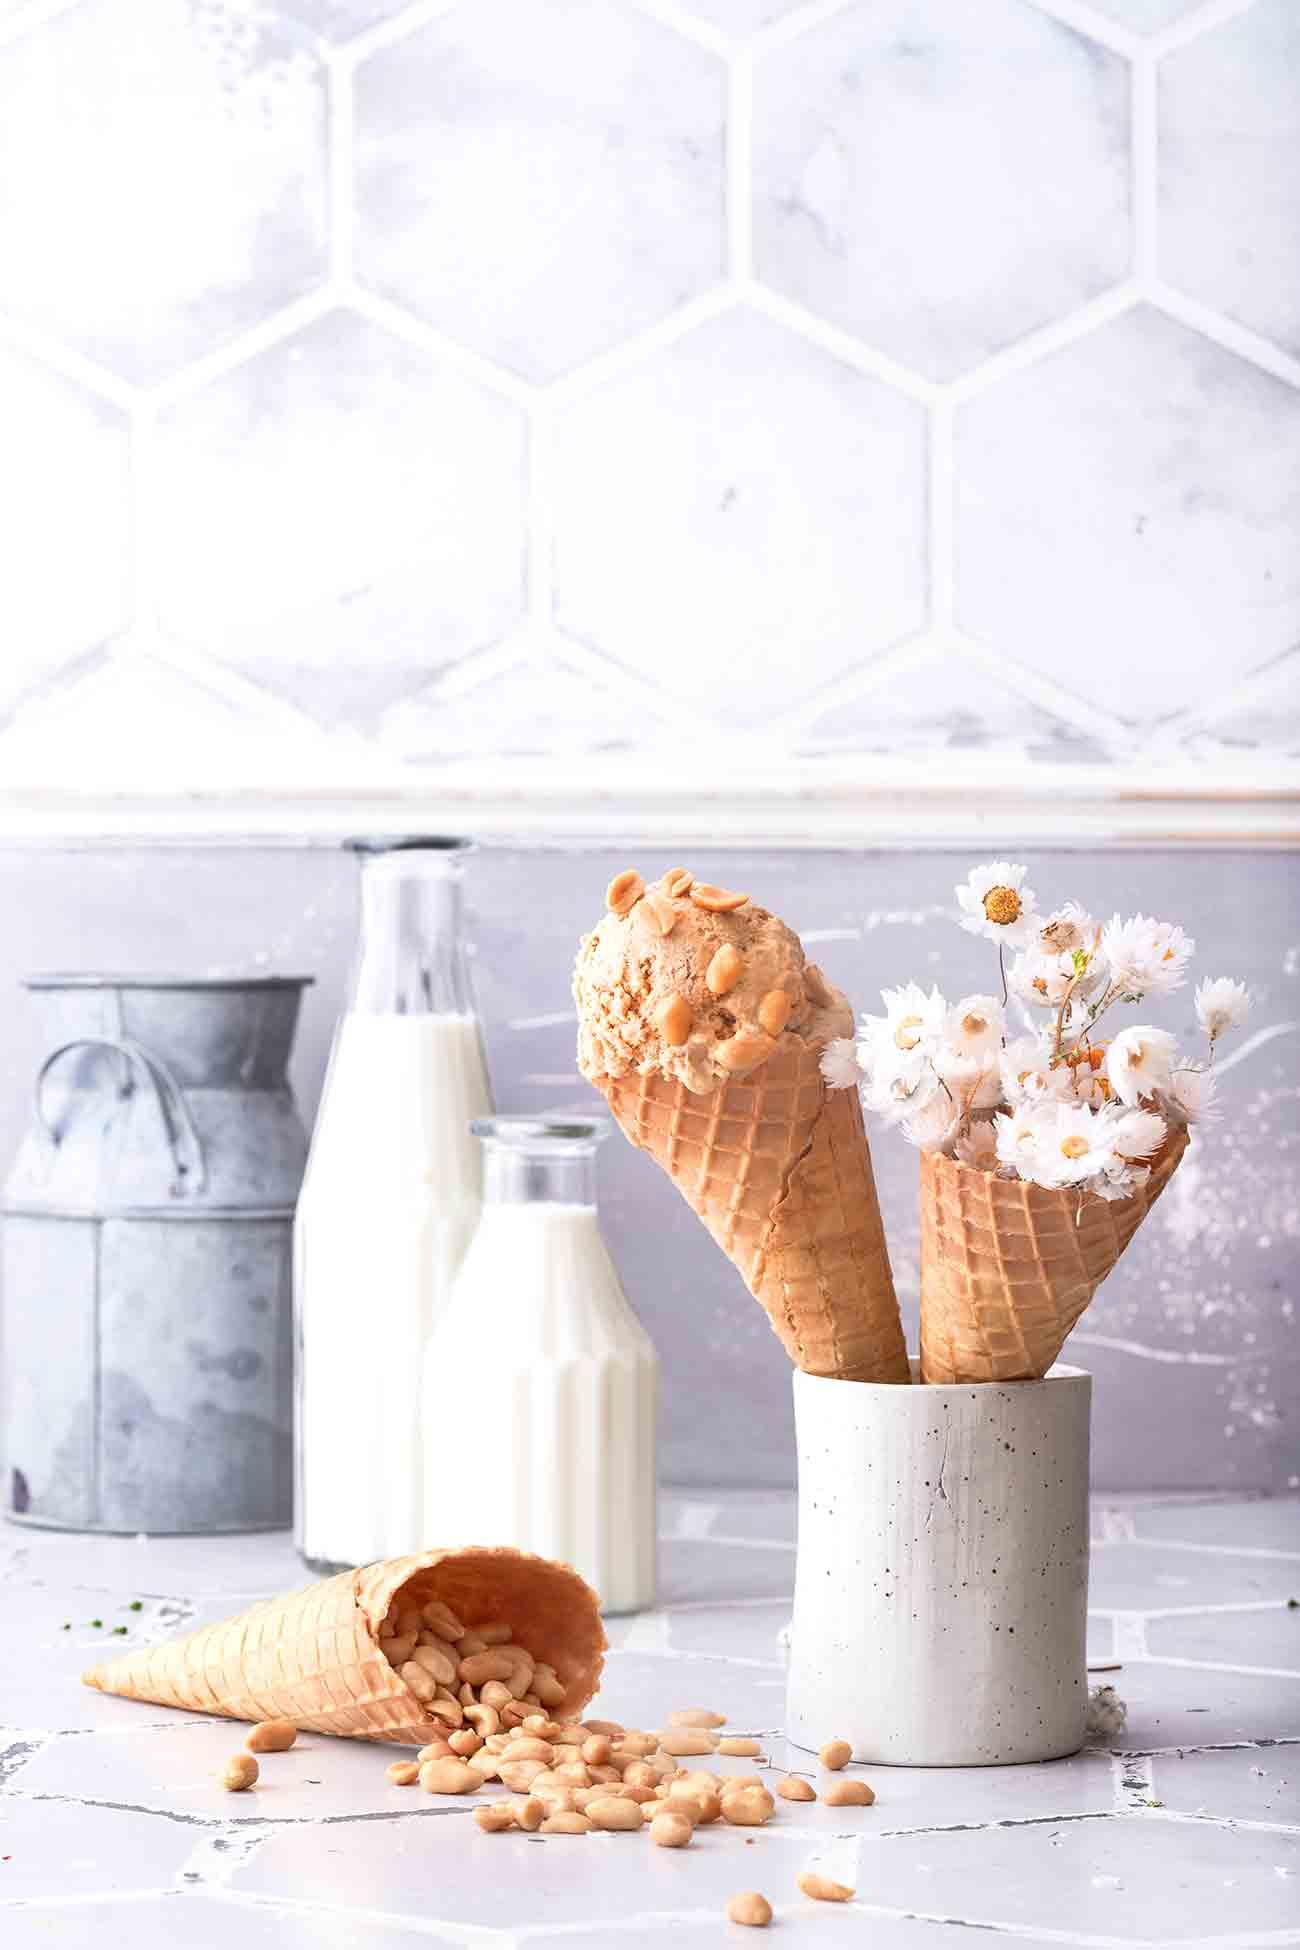 Erdnussbutter-Bananen Eiscreme  Sommerzeit ist Eiszeit. Bei mir fast täglich, denn ich liebe Eis. In allen Variationen. Nur langweilig darf es nicht sein. Also, Vanille, Schokolade und Erdbeere? Fehlanzeige. Bei mir kommen die leckersten Kreationen in die Eismaschine. Mein neuer Helfer? Das ist die Krups Perfect Mix, die 1 Liter Eis zubereiten kann. Und das zuverlässig! Ich finde ja auch, dass sie einfach hübsch aussieht und sich fast in das Foto-Setting wie selbstverständlich intergiert. Ein Eis-Modell eben. Aber jetzt zum leckeren Eis-Rezept. LINK  Zutaten für ca. 1 Liter   100 g gesalzene Erdnüsse 200 g Erdnussbutter, crunchy 400 ml Sahne 400 ml Kondensmilch 80 g Zucker 2 Bananen  Den Kessel der Eismaschine für ca. 12 Stunden (mind. - 20 °C) einfrieren Erdnüsse fein hacken  Sahne steif schlagen, Bananen zerdrücken Kondensmilch, Bananen, Zucker und Erdnussbutter verrühren Erdnüsse und Sahne unterheben Die fertige Eismasse in die Eismaschine geben und ca. 45 Minuten cremig rühren Die Eiscreme in eine Form geben und für ca. 1 Stunde erneut in den Froster geben